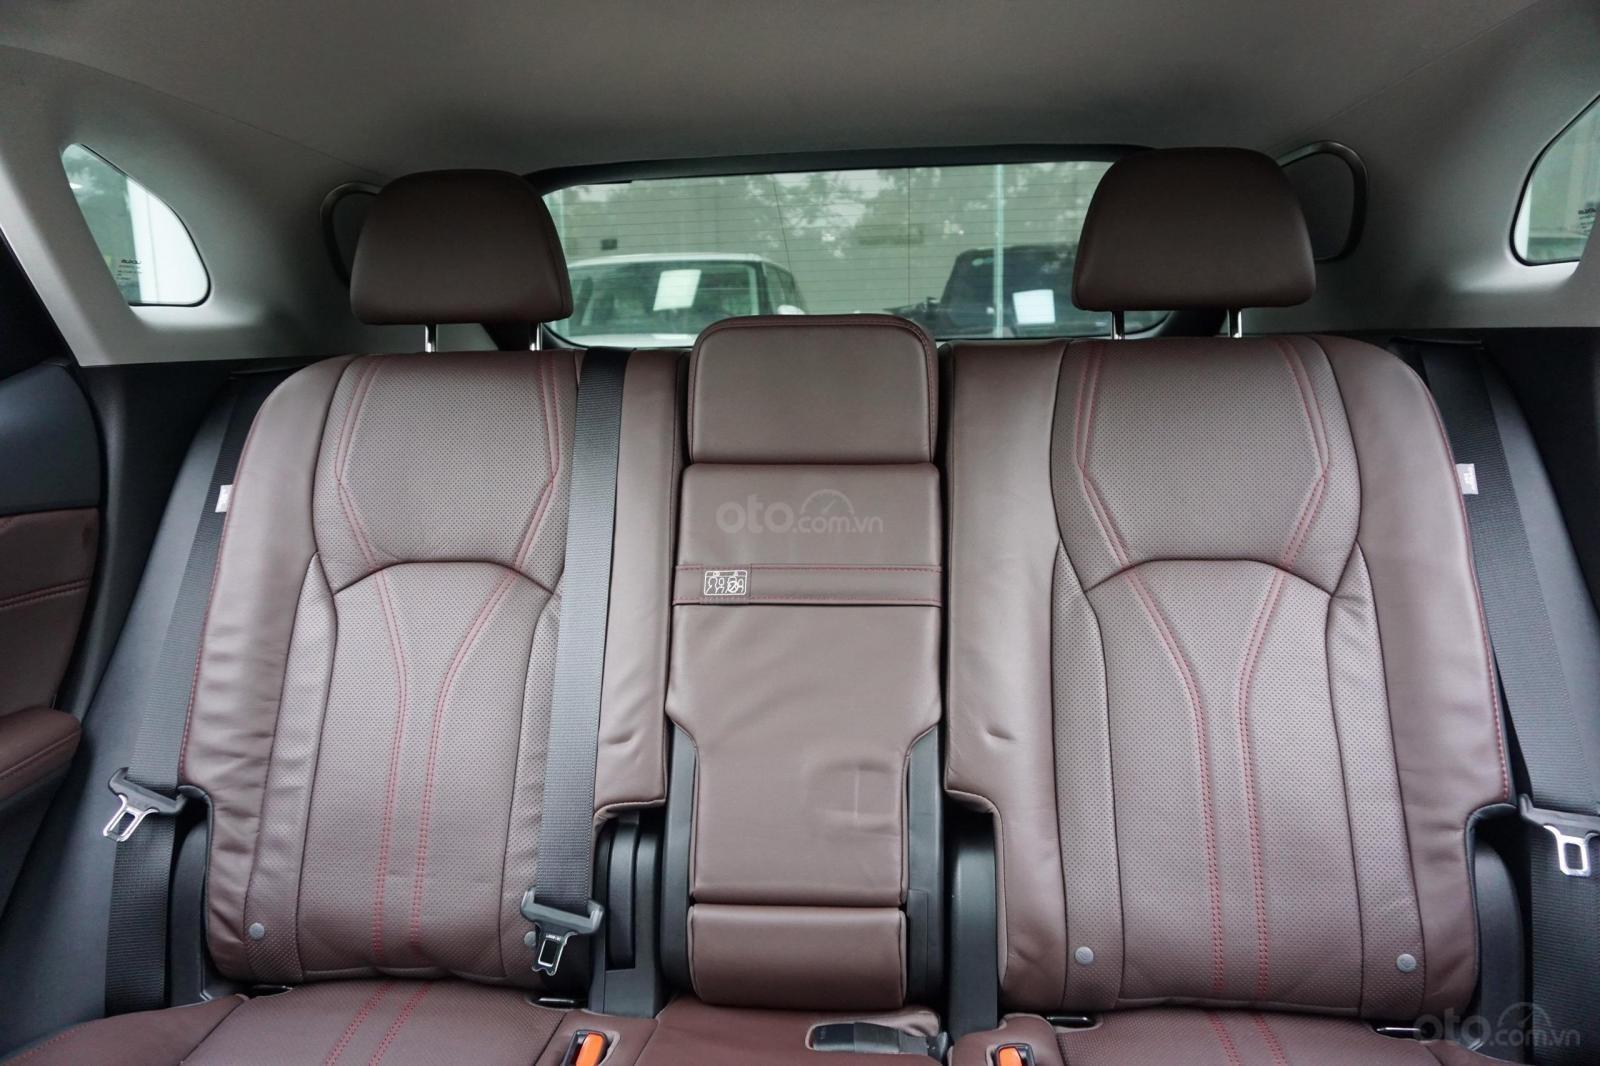 Bán ô tô Lexus RX 350 SX 2019, xe nhập Mỹ full kịch options, giá tốt, giao ngay toàn quốc, LH 093.996.2368 Ms Ngọc Vy (23)